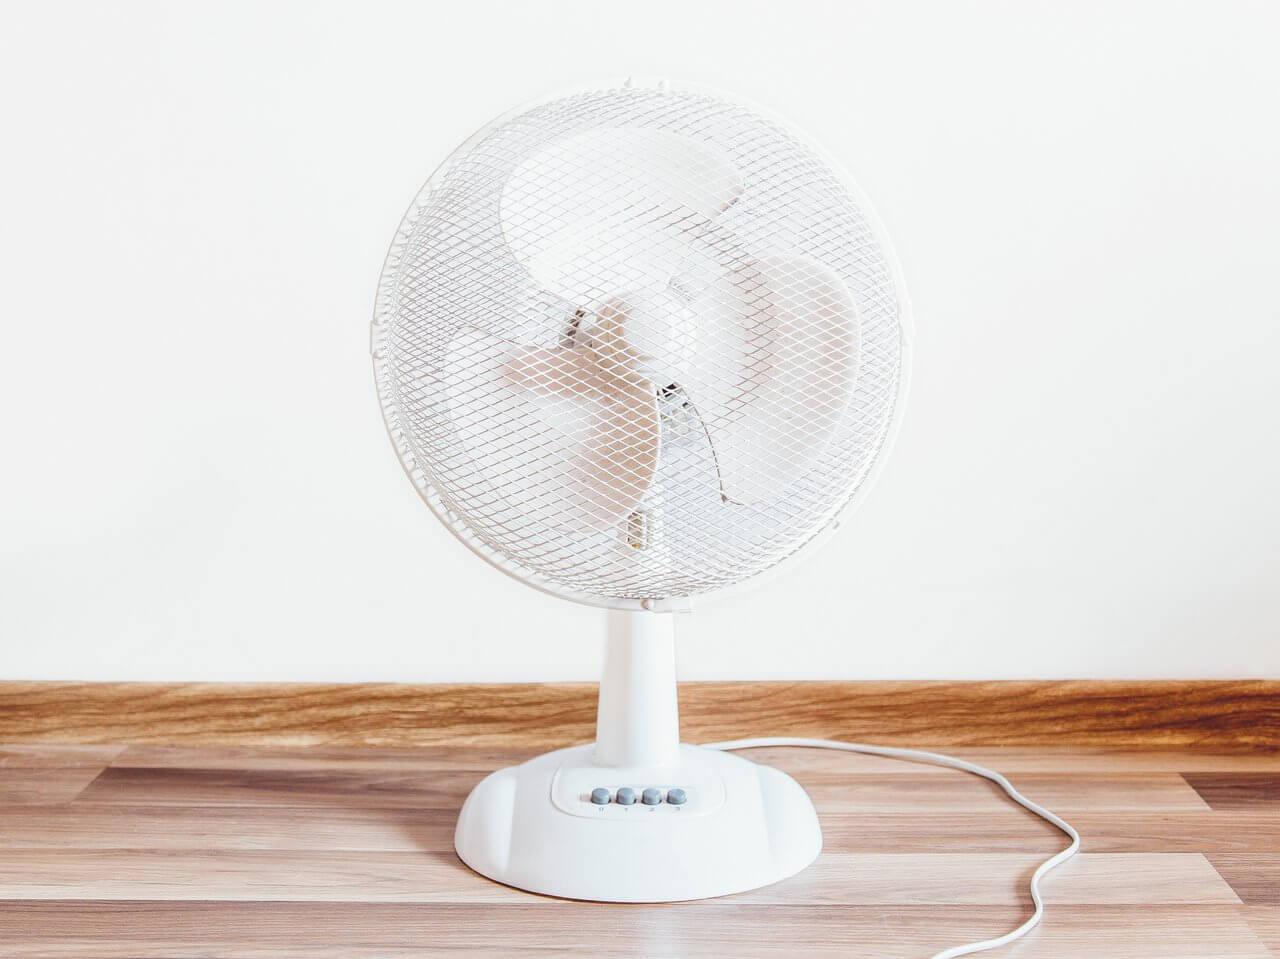 office fan HVAC productivity